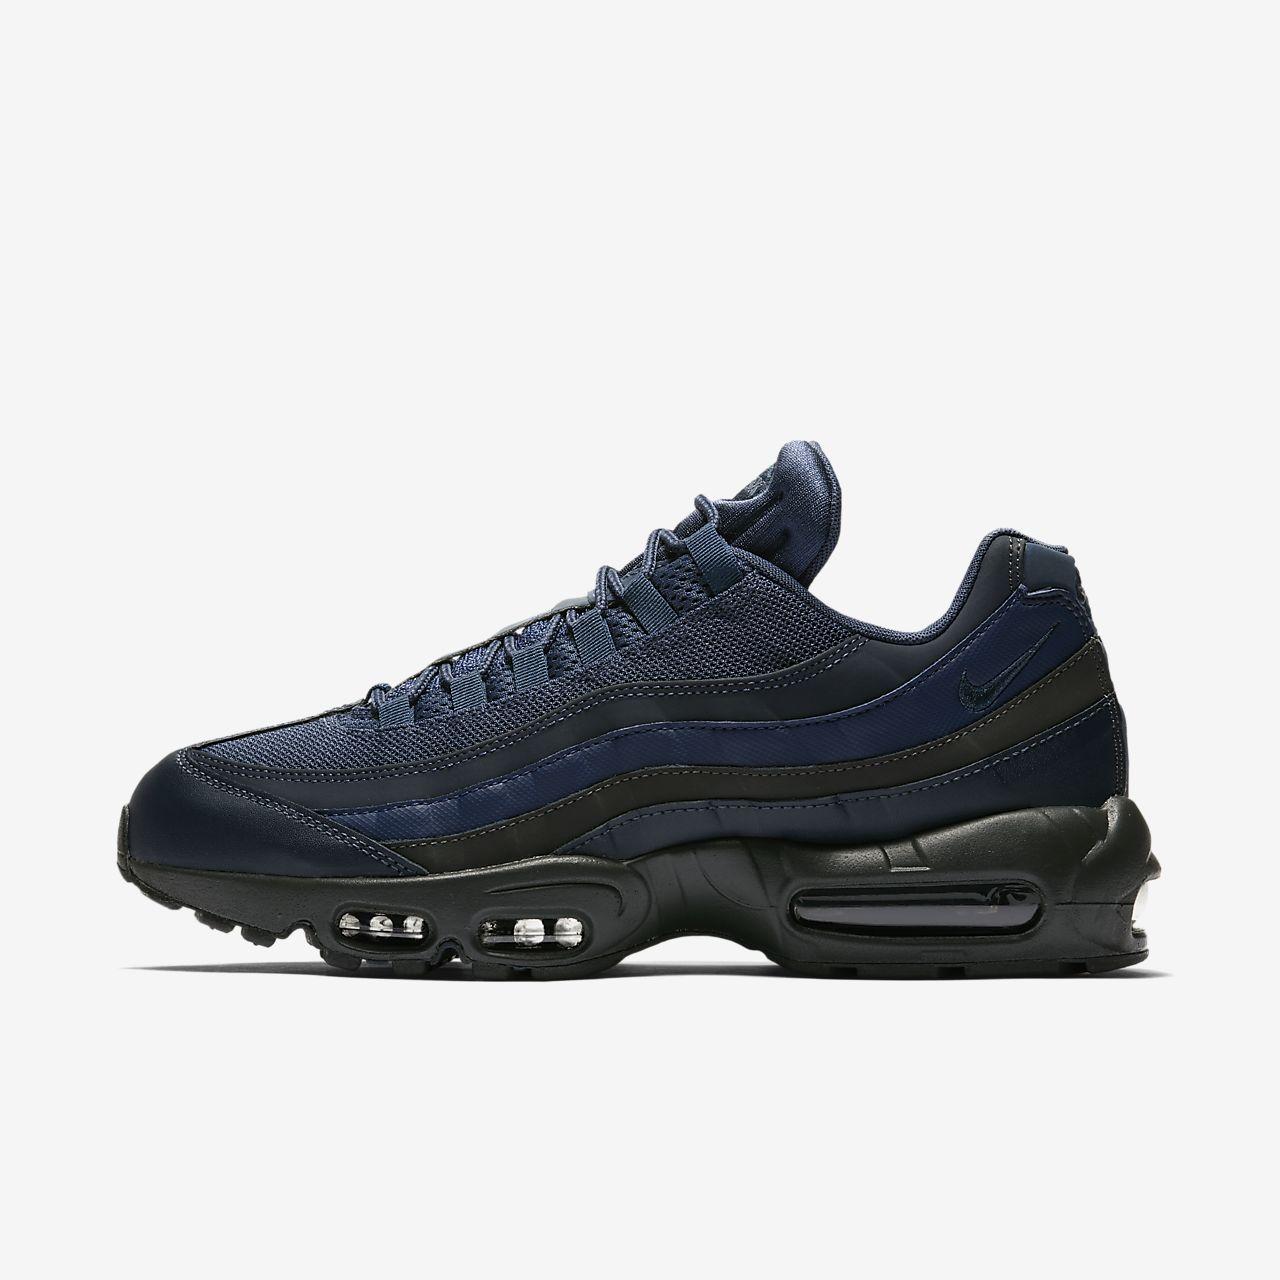 c0d09382463 Sapatilhas Nike Air Max 95 Essential para homem. Nike.com PT